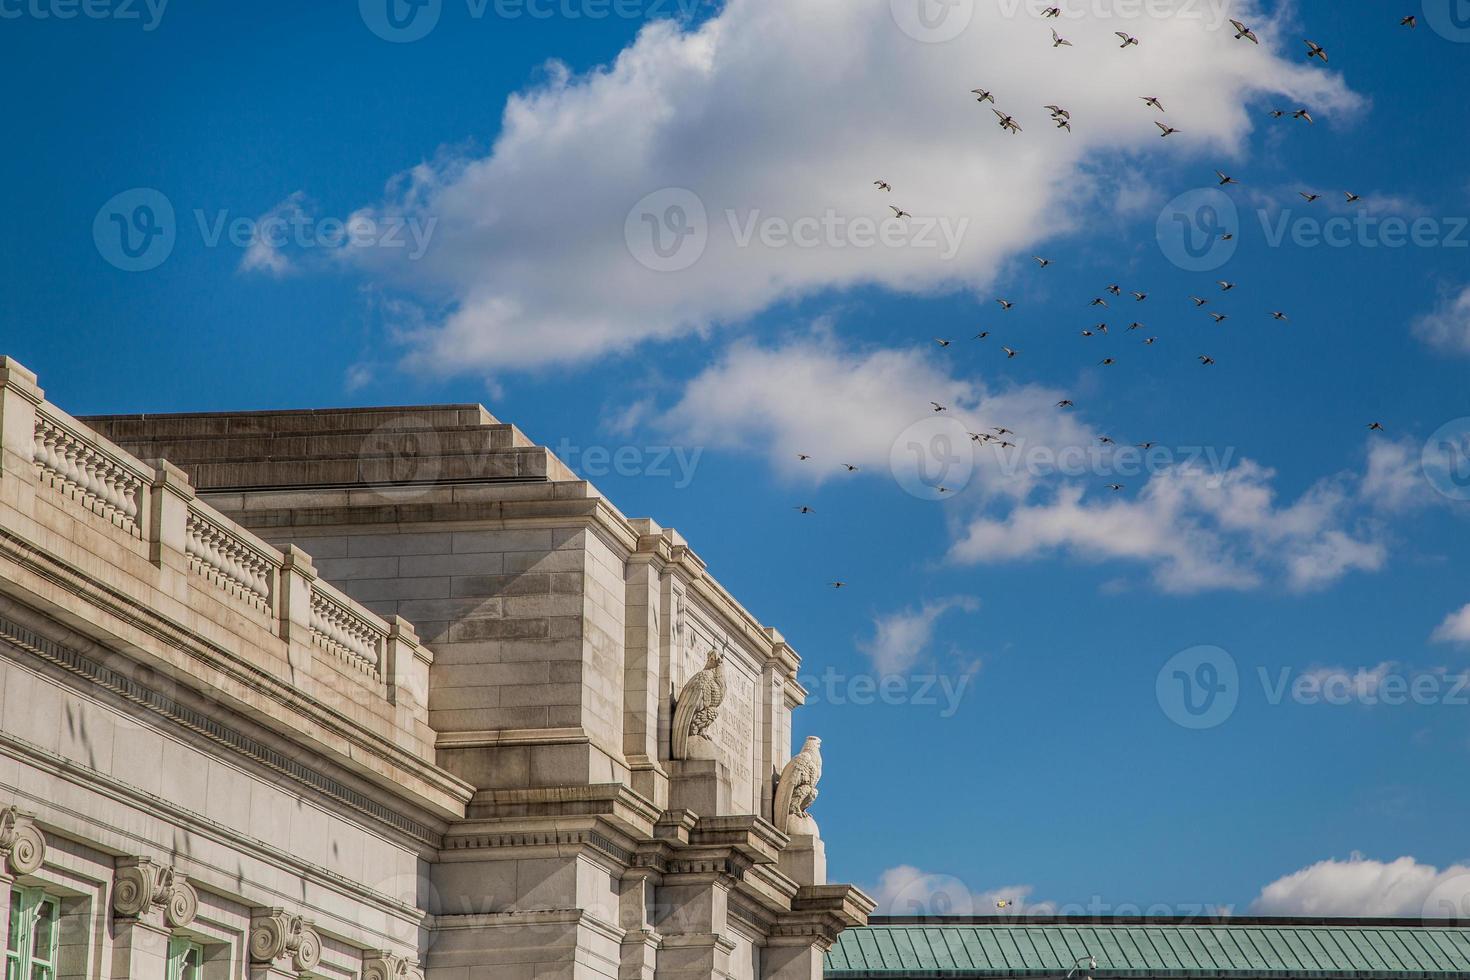 stazione del sindacato, stazione ferroviaria, pilastri, cielo blu, uccelli foto